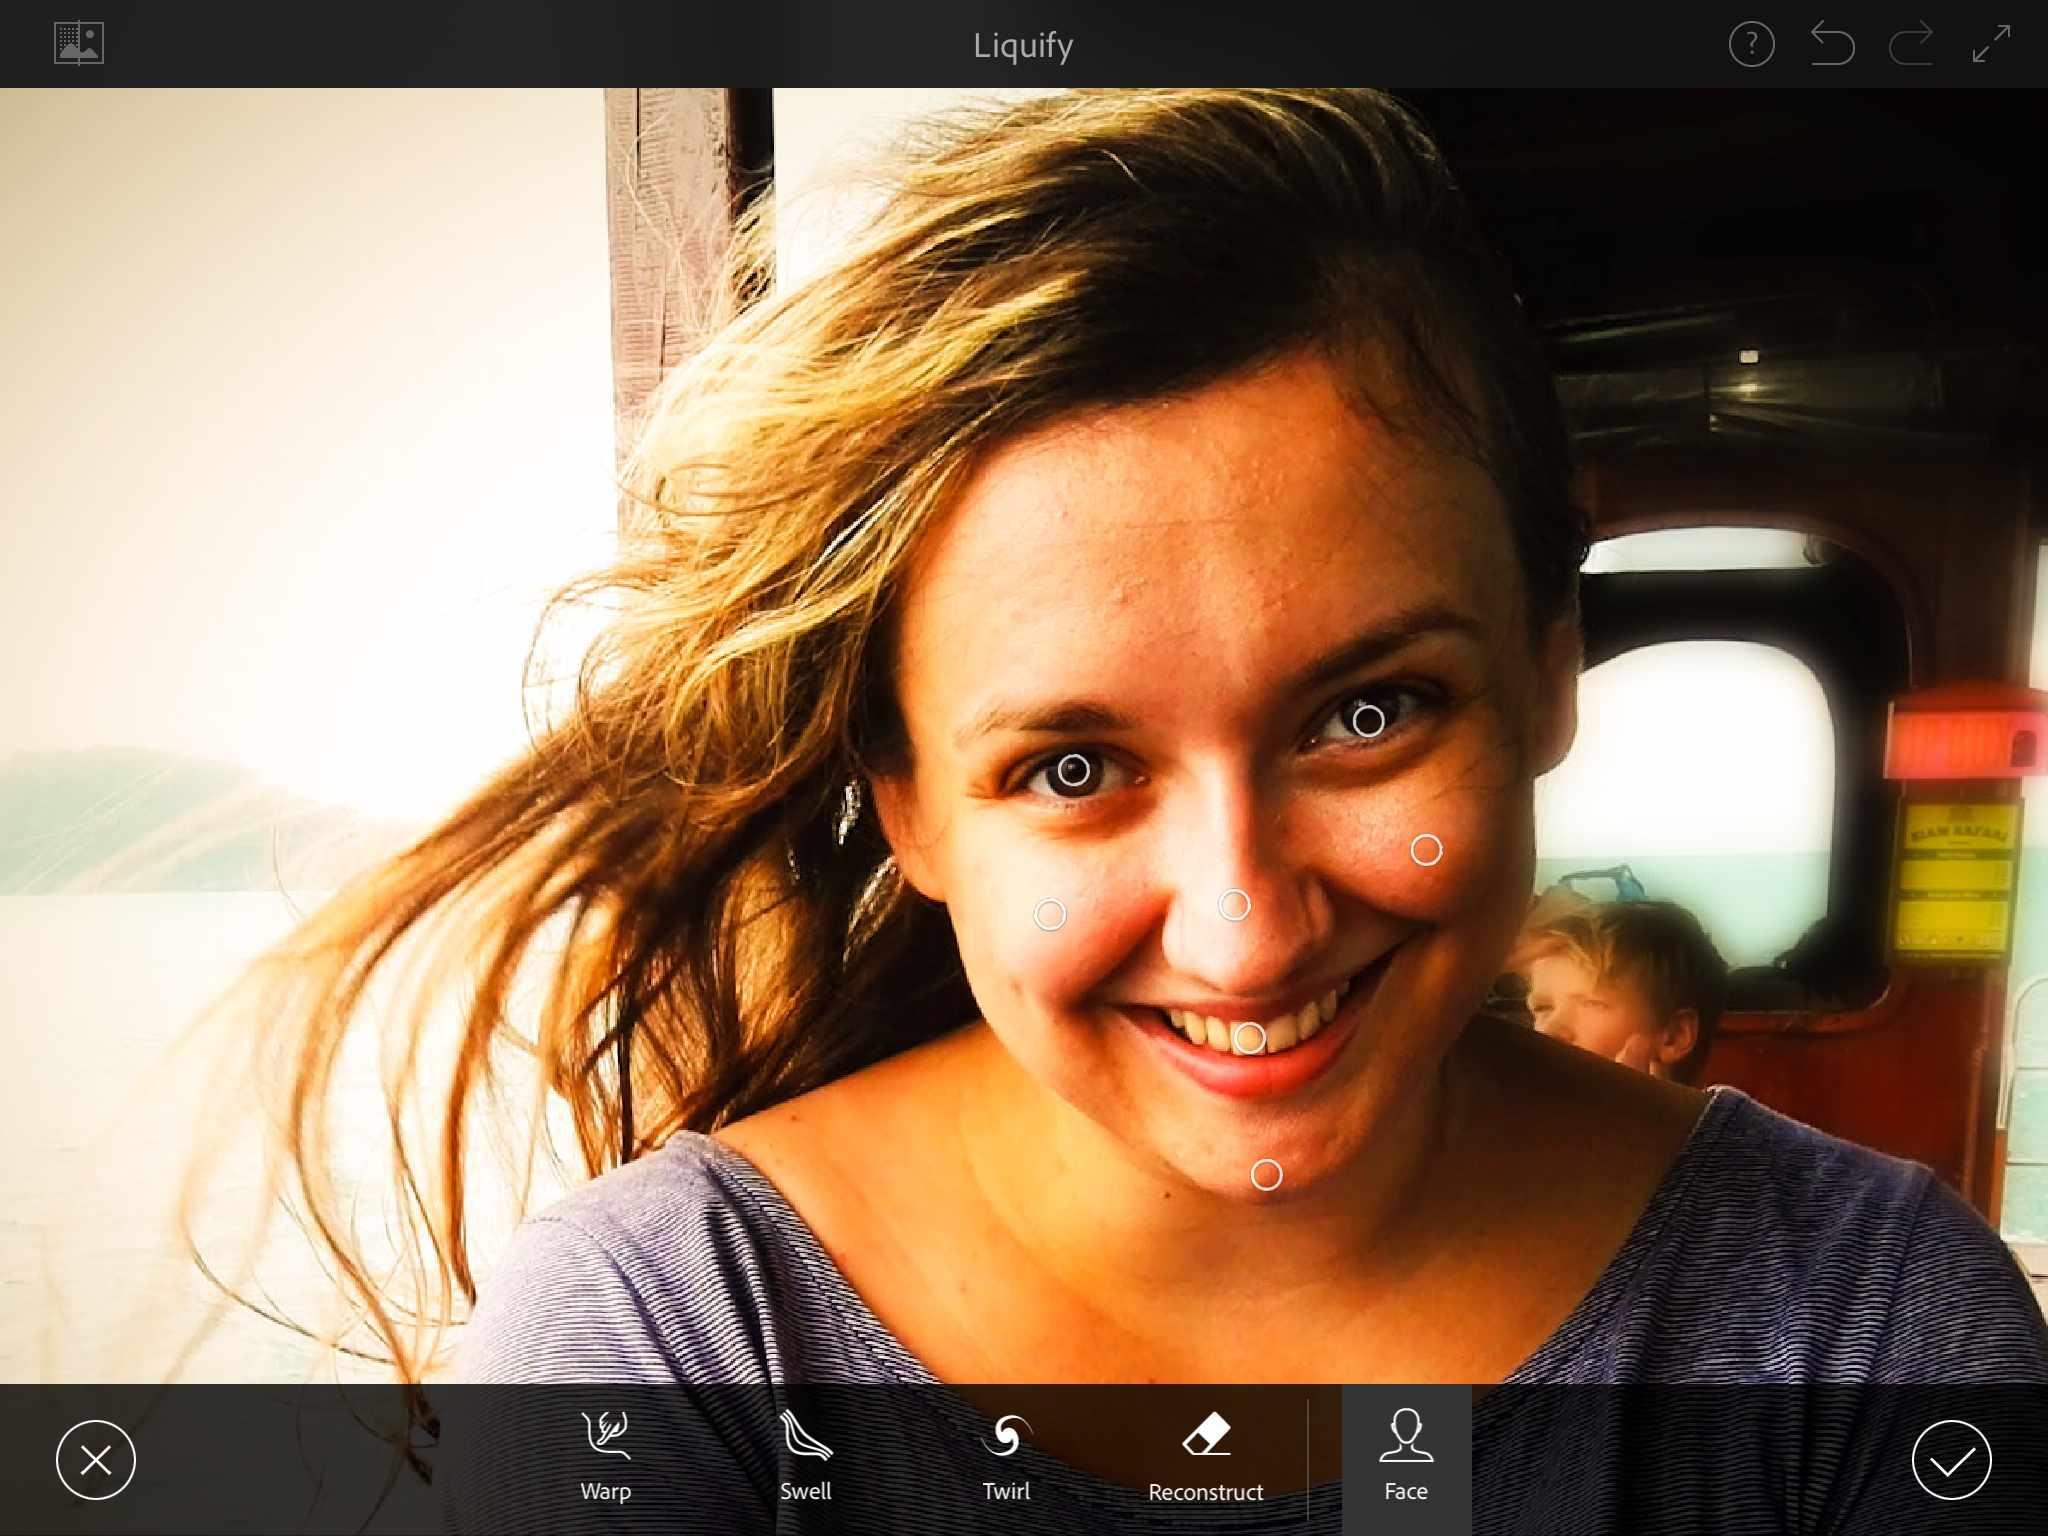 Aplikácia vám pomôže s naozaj detailnými úpravami fotiek